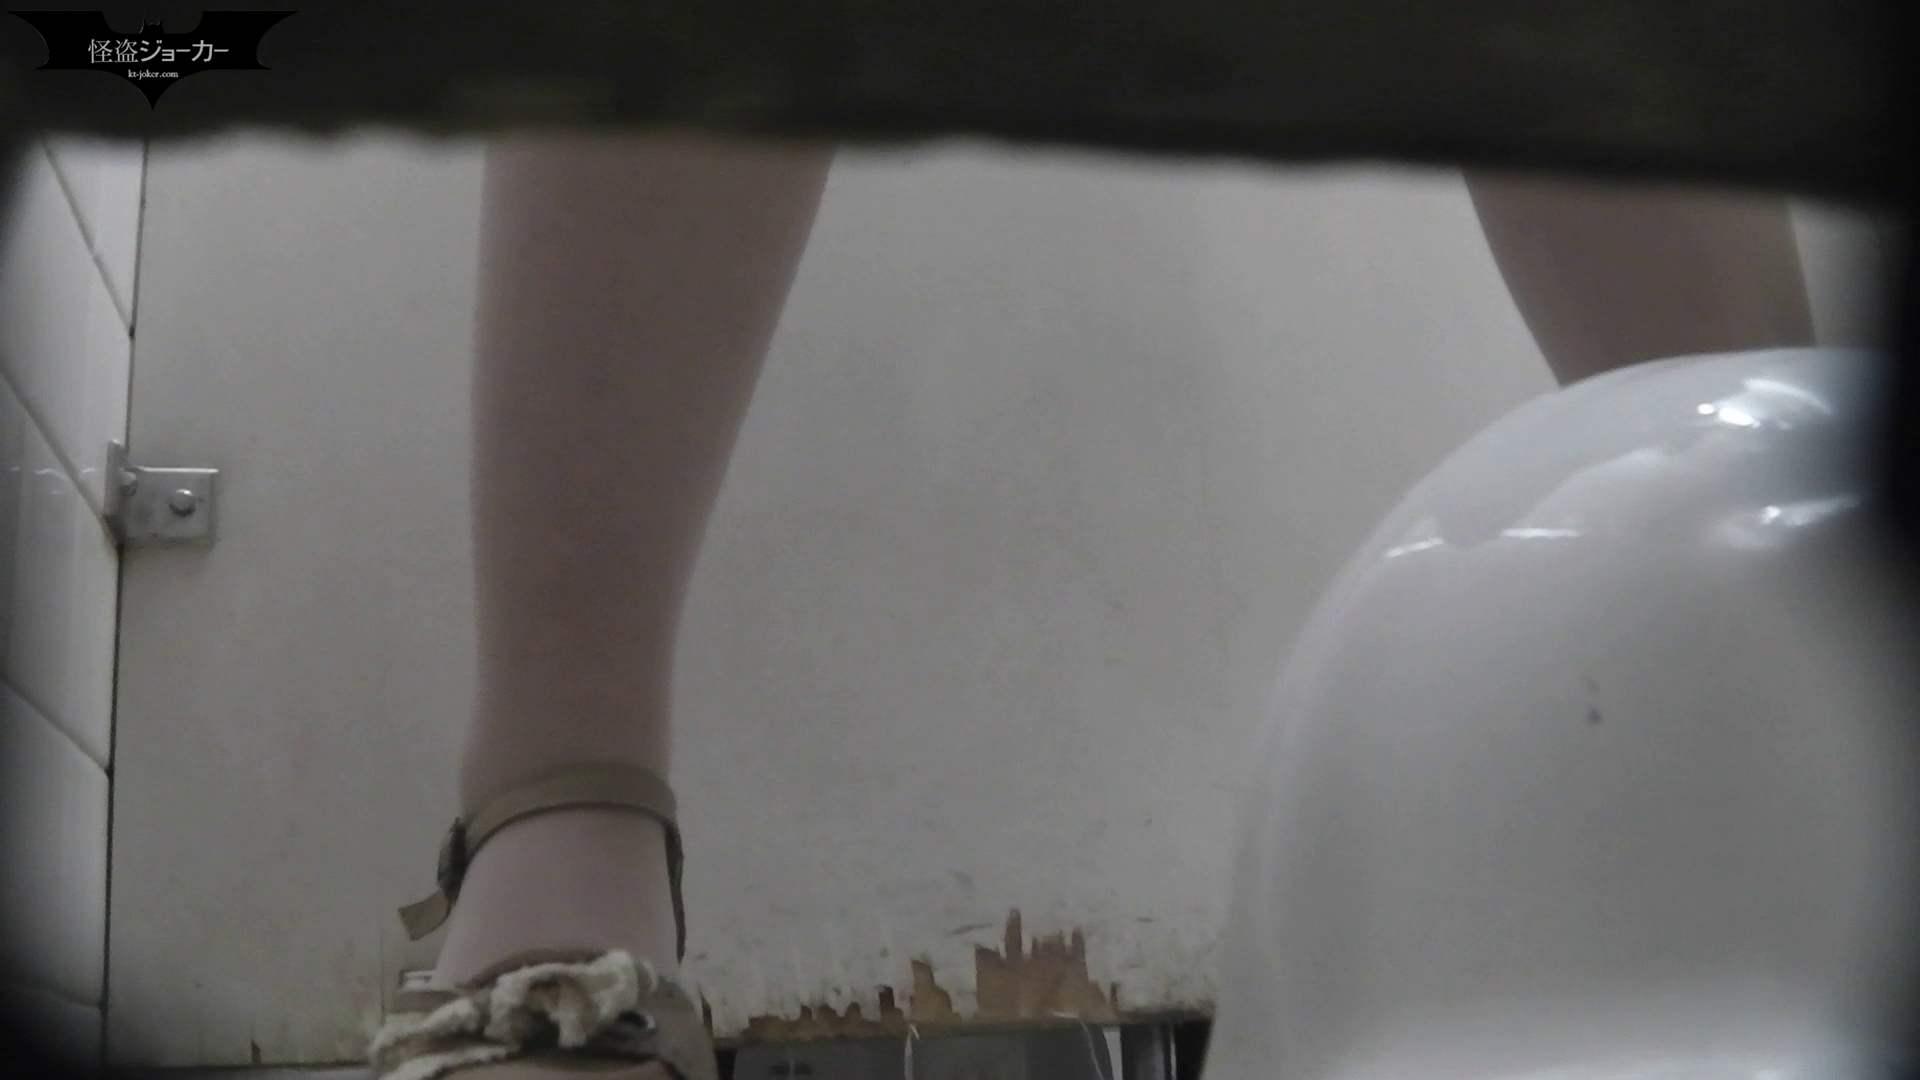 洗面所特攻隊 vol.047 モリモリ、ふきふきにスーパーズーム! お姉さん攻略 セックス無修正動画無料 113画像 23